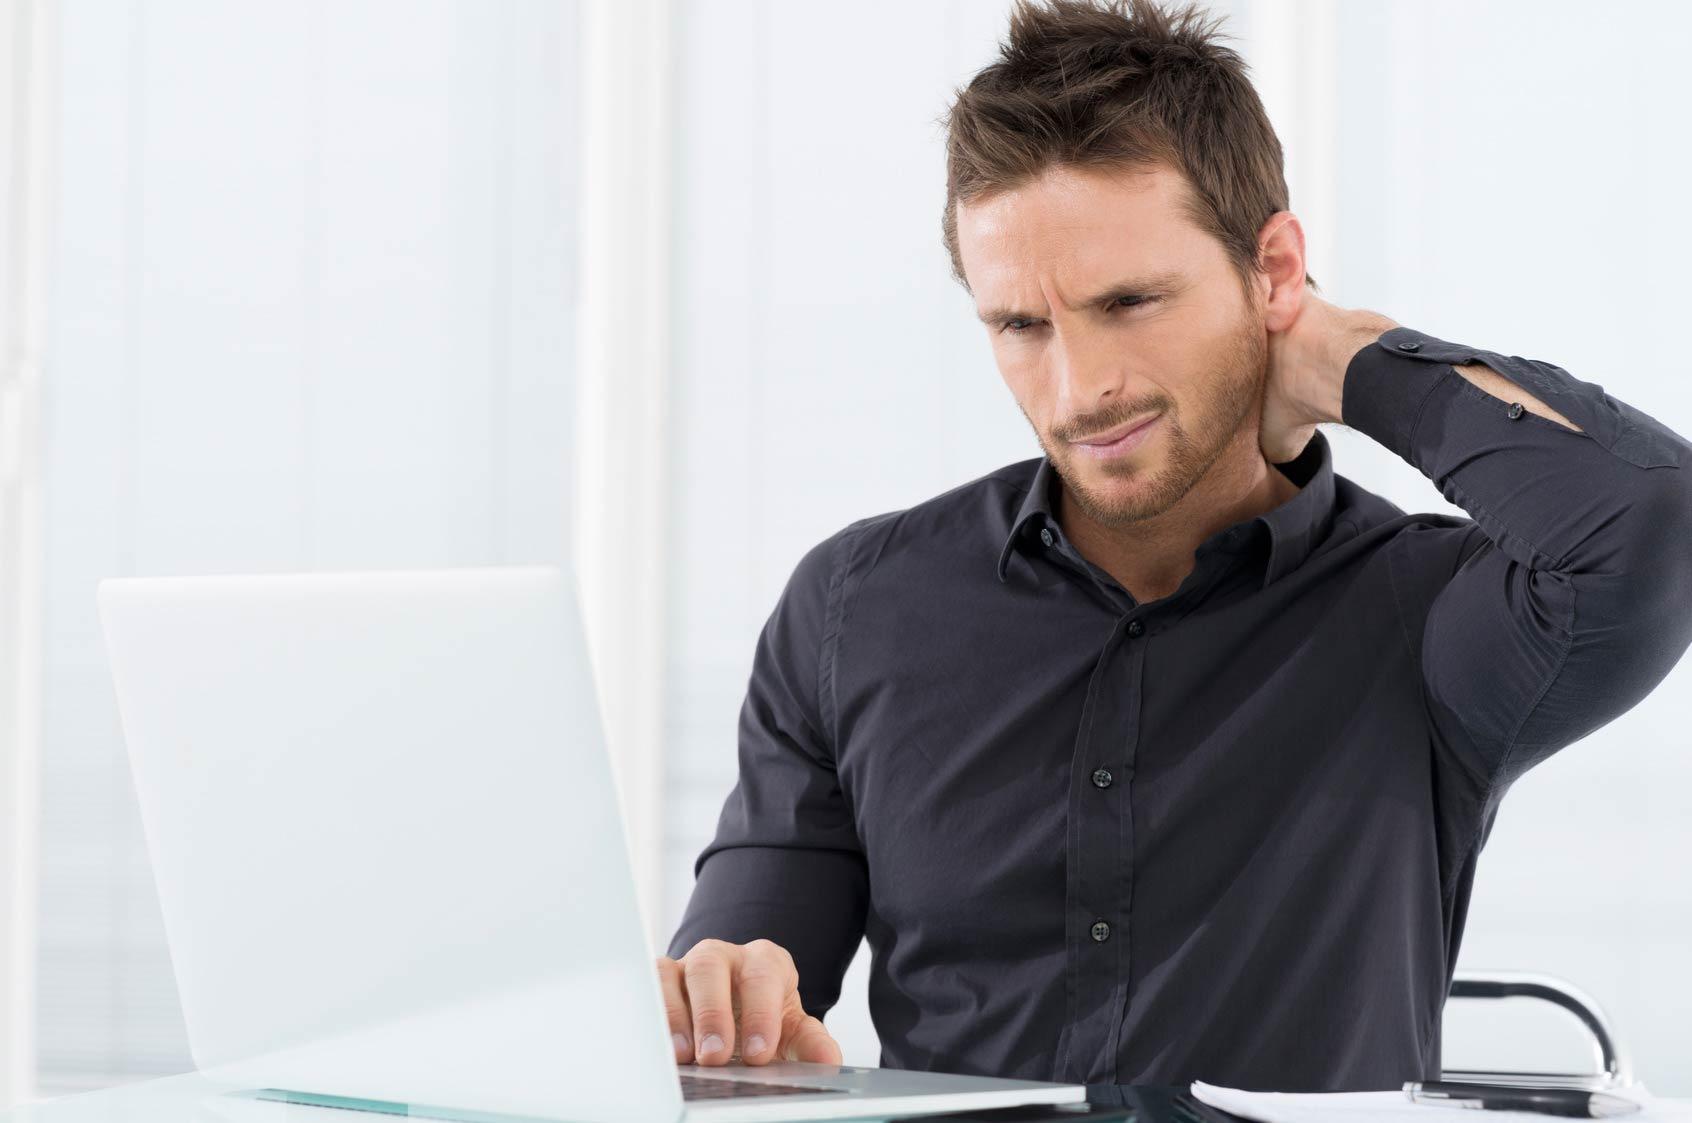 almohada cervical dolor cuello postura oficina